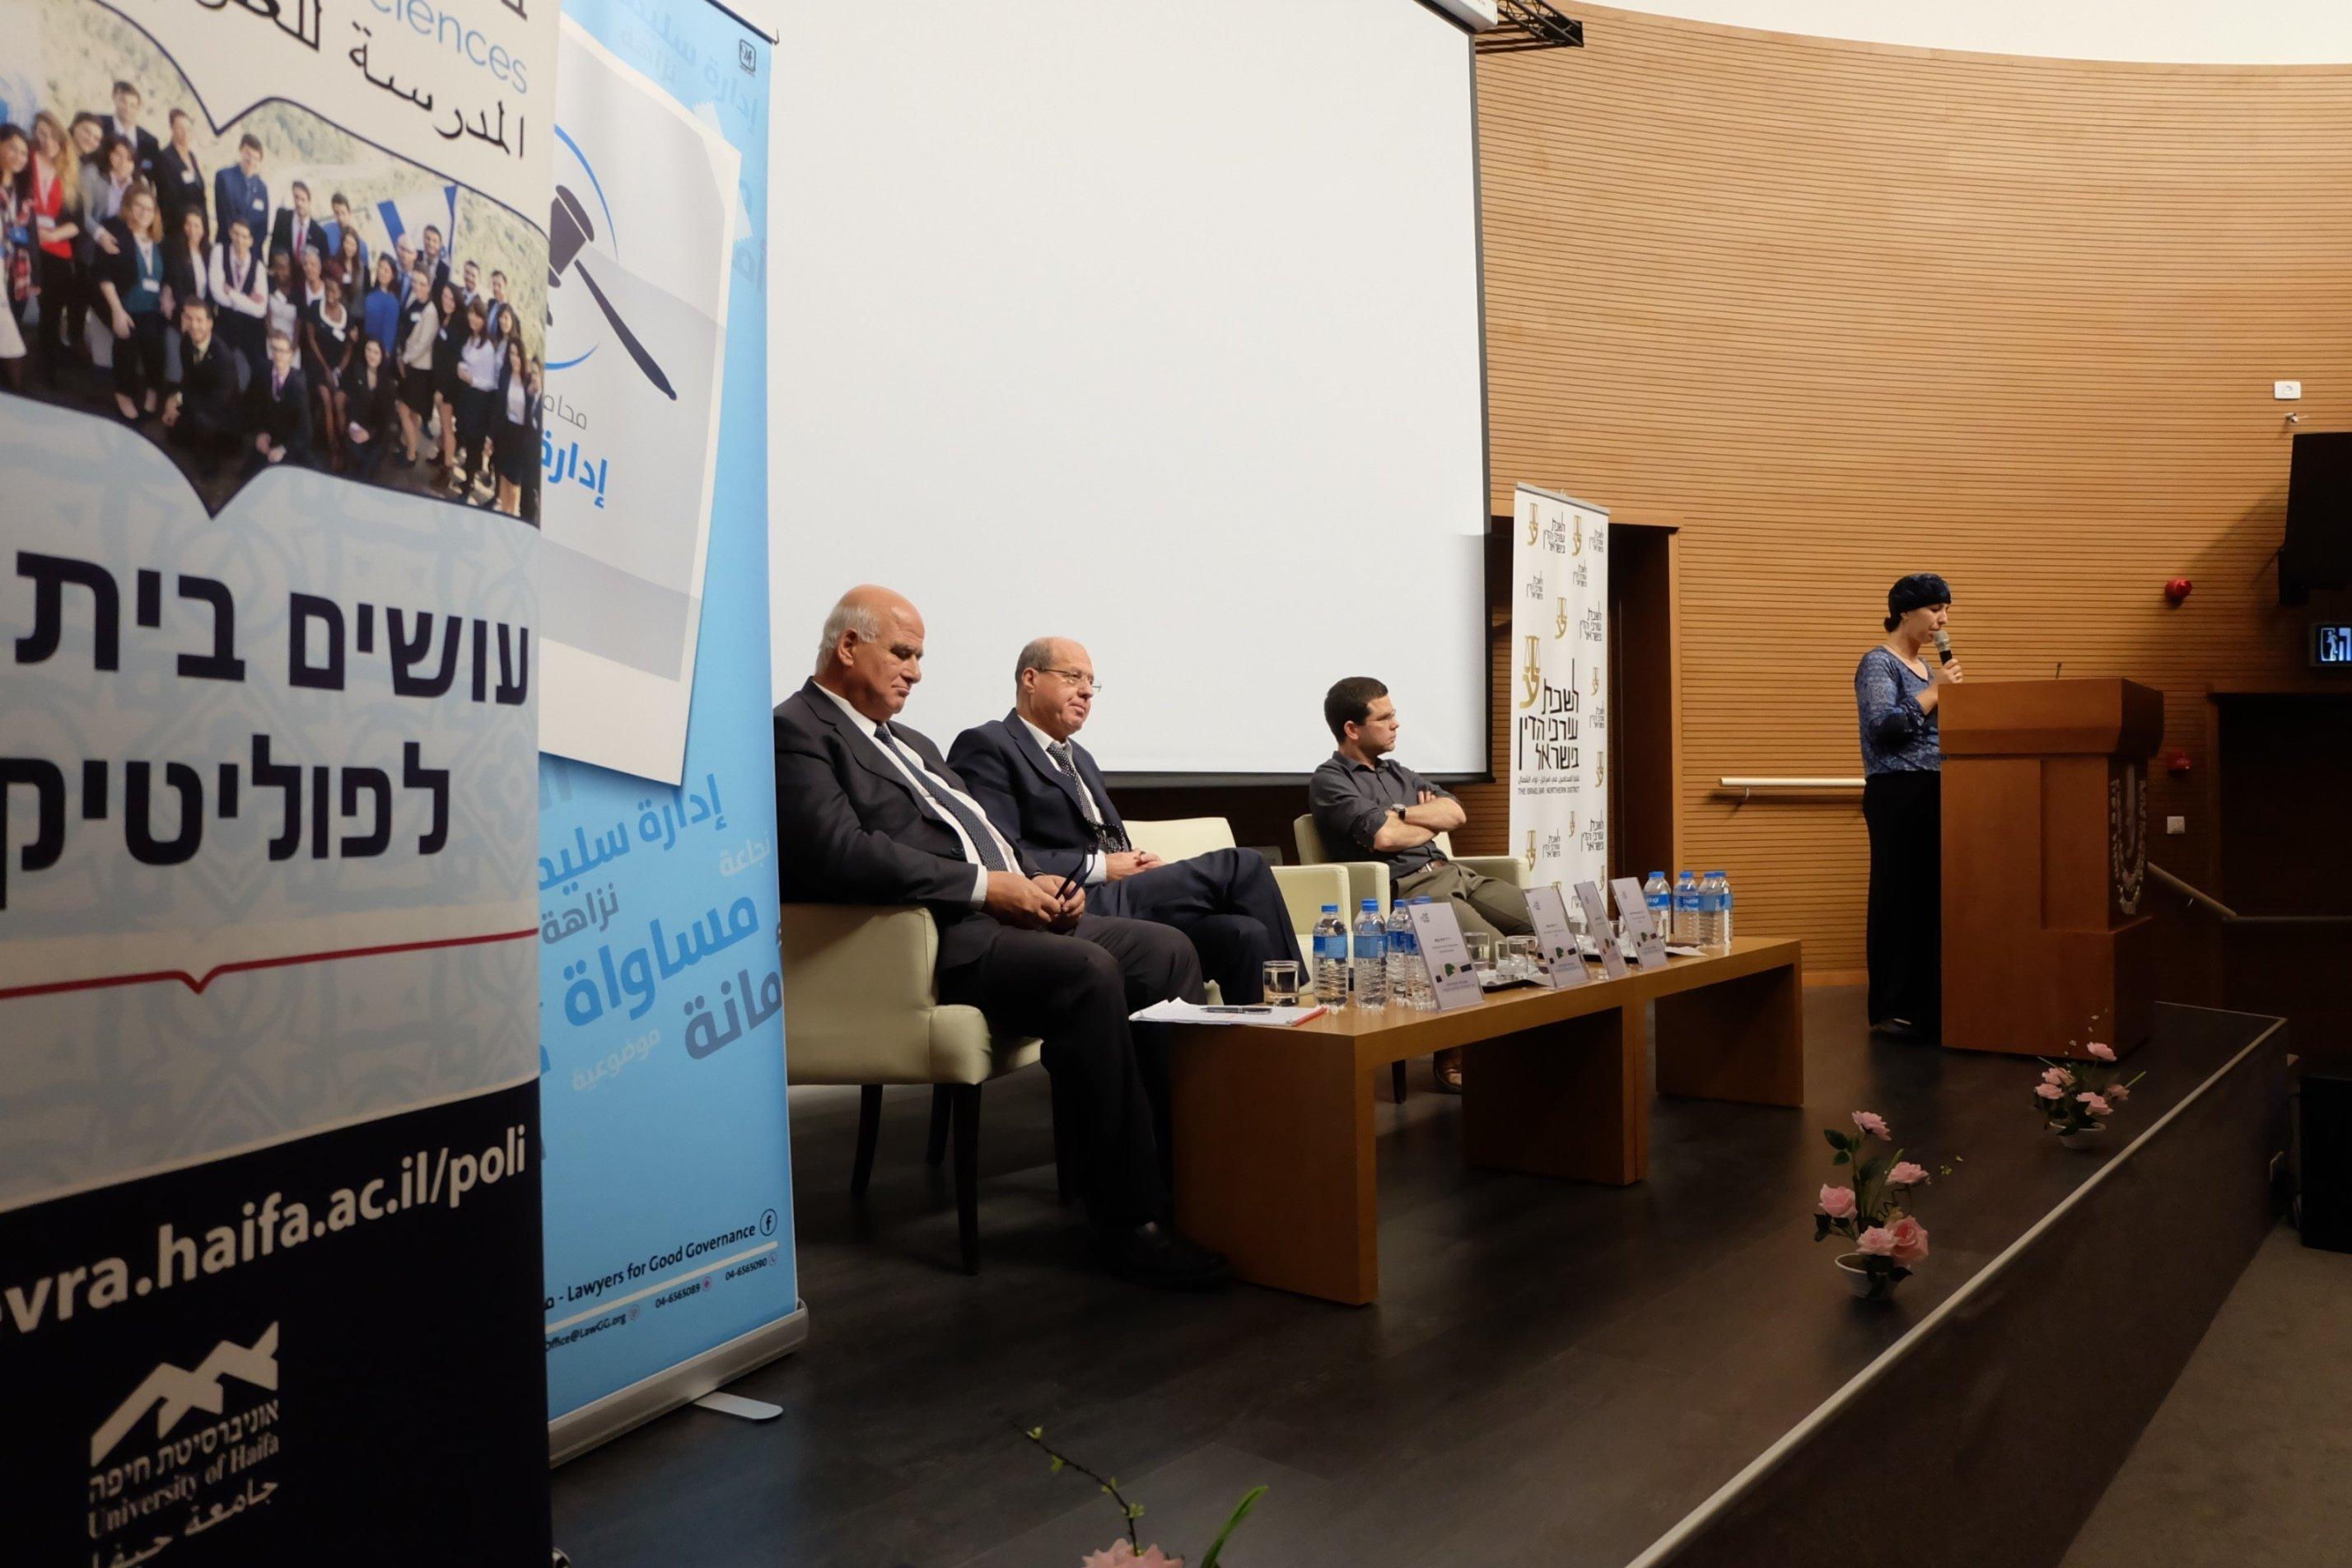 مؤتمر حول التحديات في مواجهة الفساد في الحكم المحلي